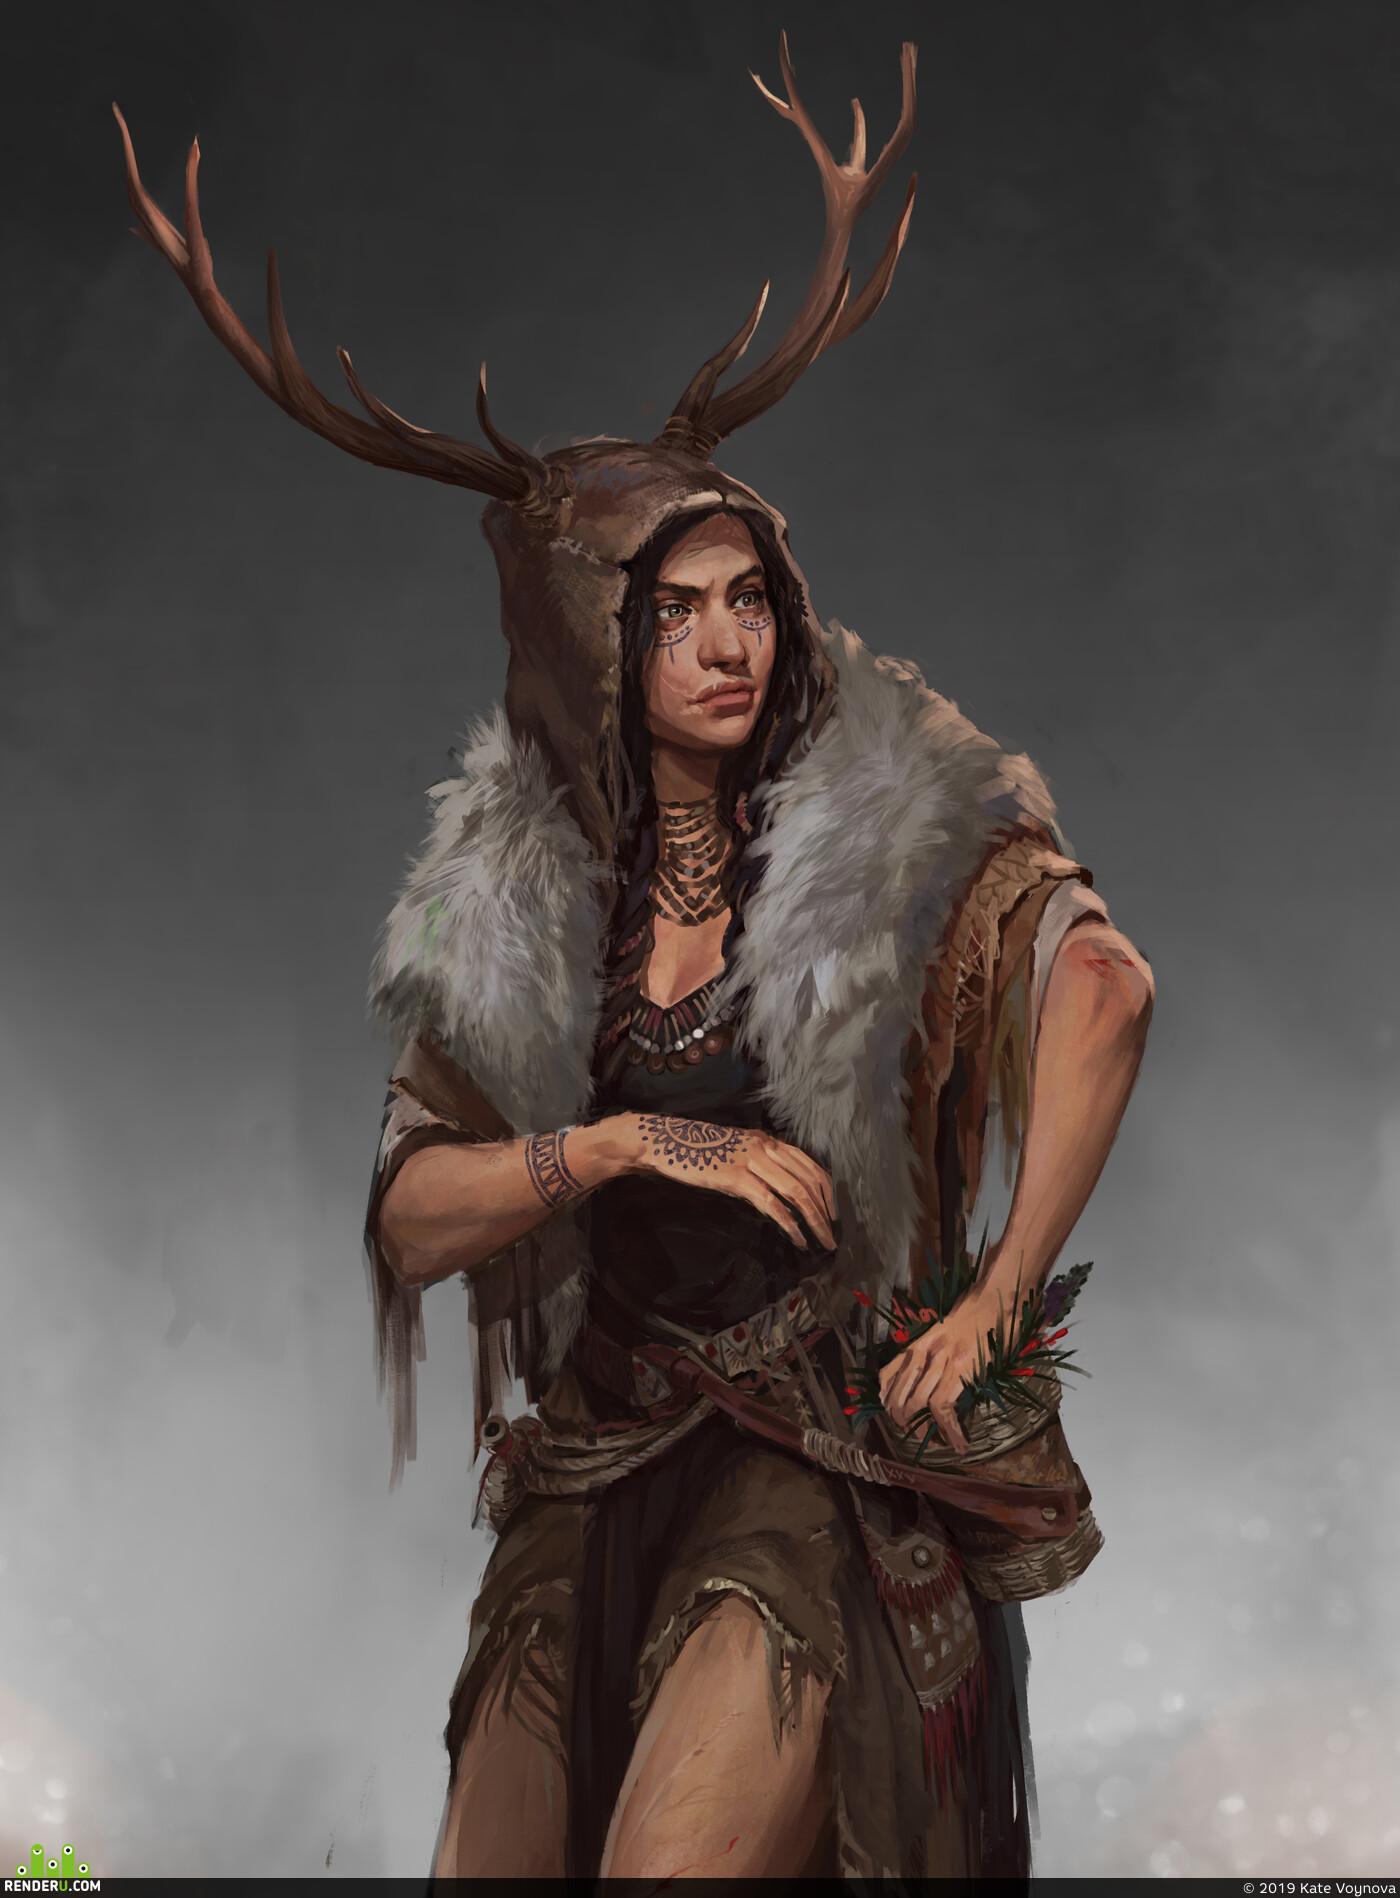 Концепт-арт, концепт персонажа, Персонаж, игровой персонаж, дизайн персонажа, женскийперсонаж, Концепция персонажей, фентези, Компьютерная графика/CG